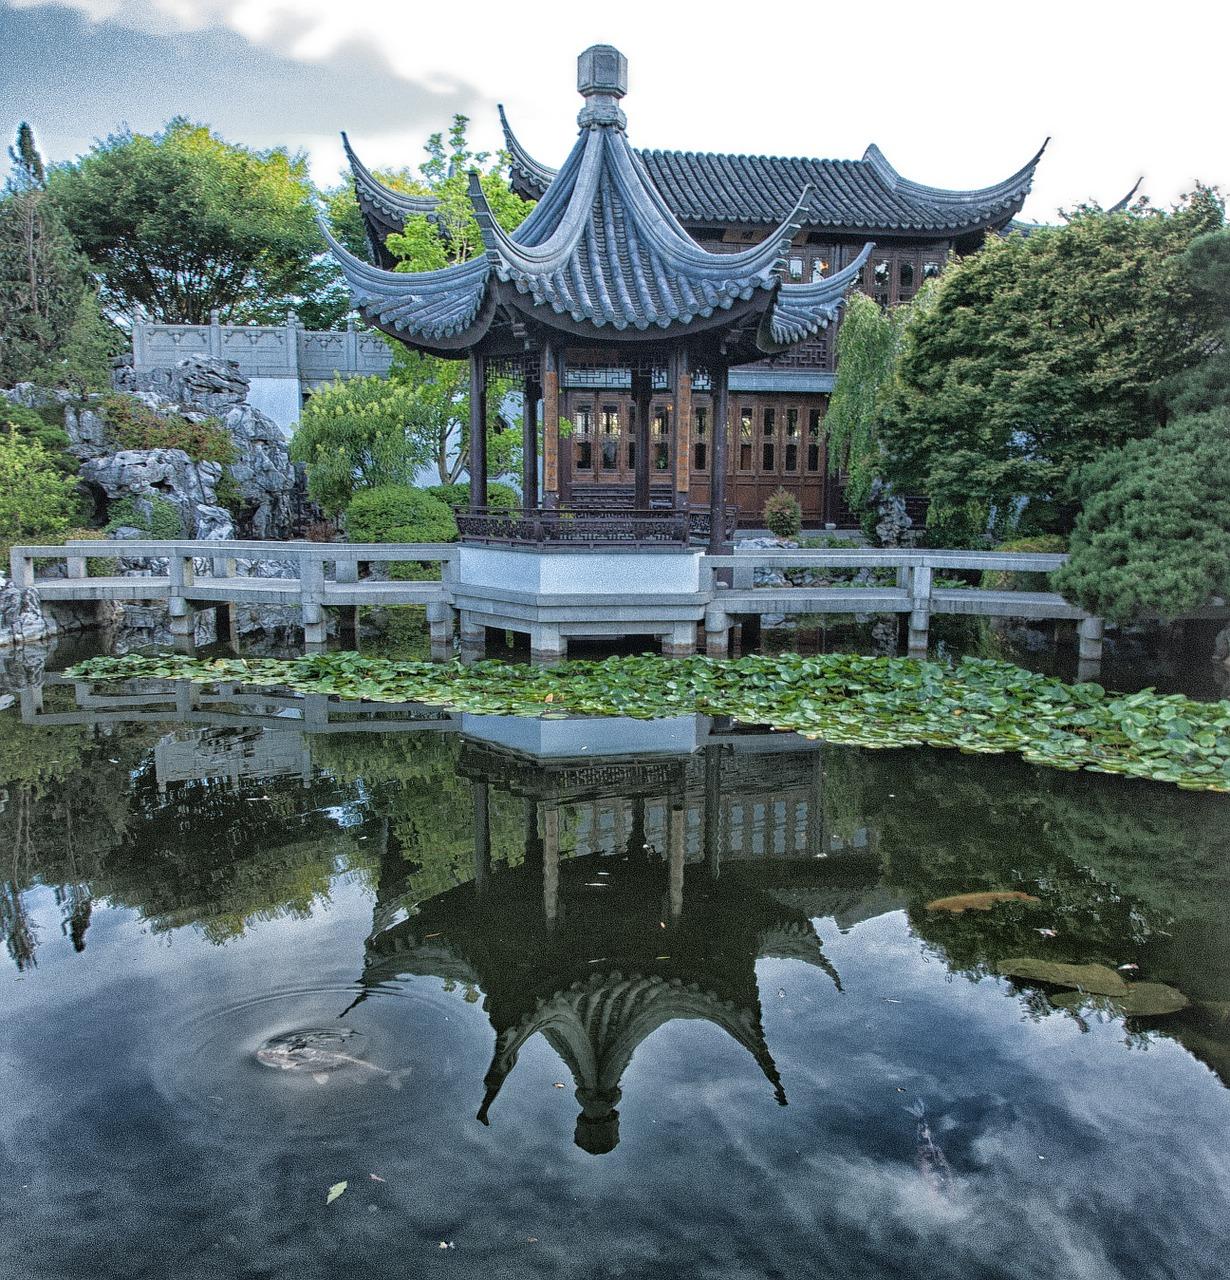 Jardin Chino con agua